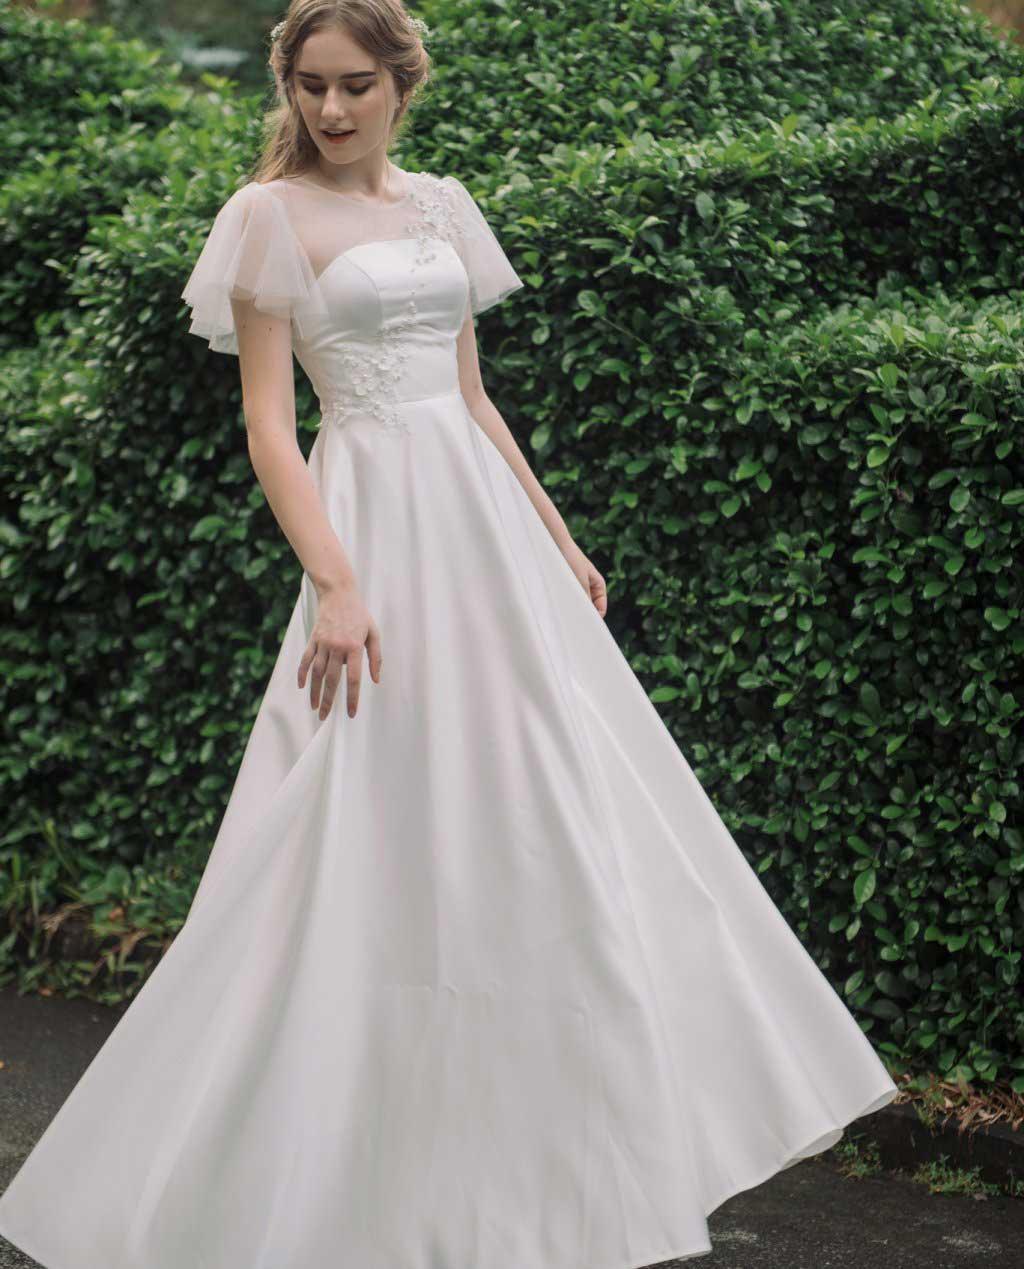 thiết kế tay áo cánh tiên -  Top những mẫu áo cưới đẹp nhất ai cũng muốn mặc.